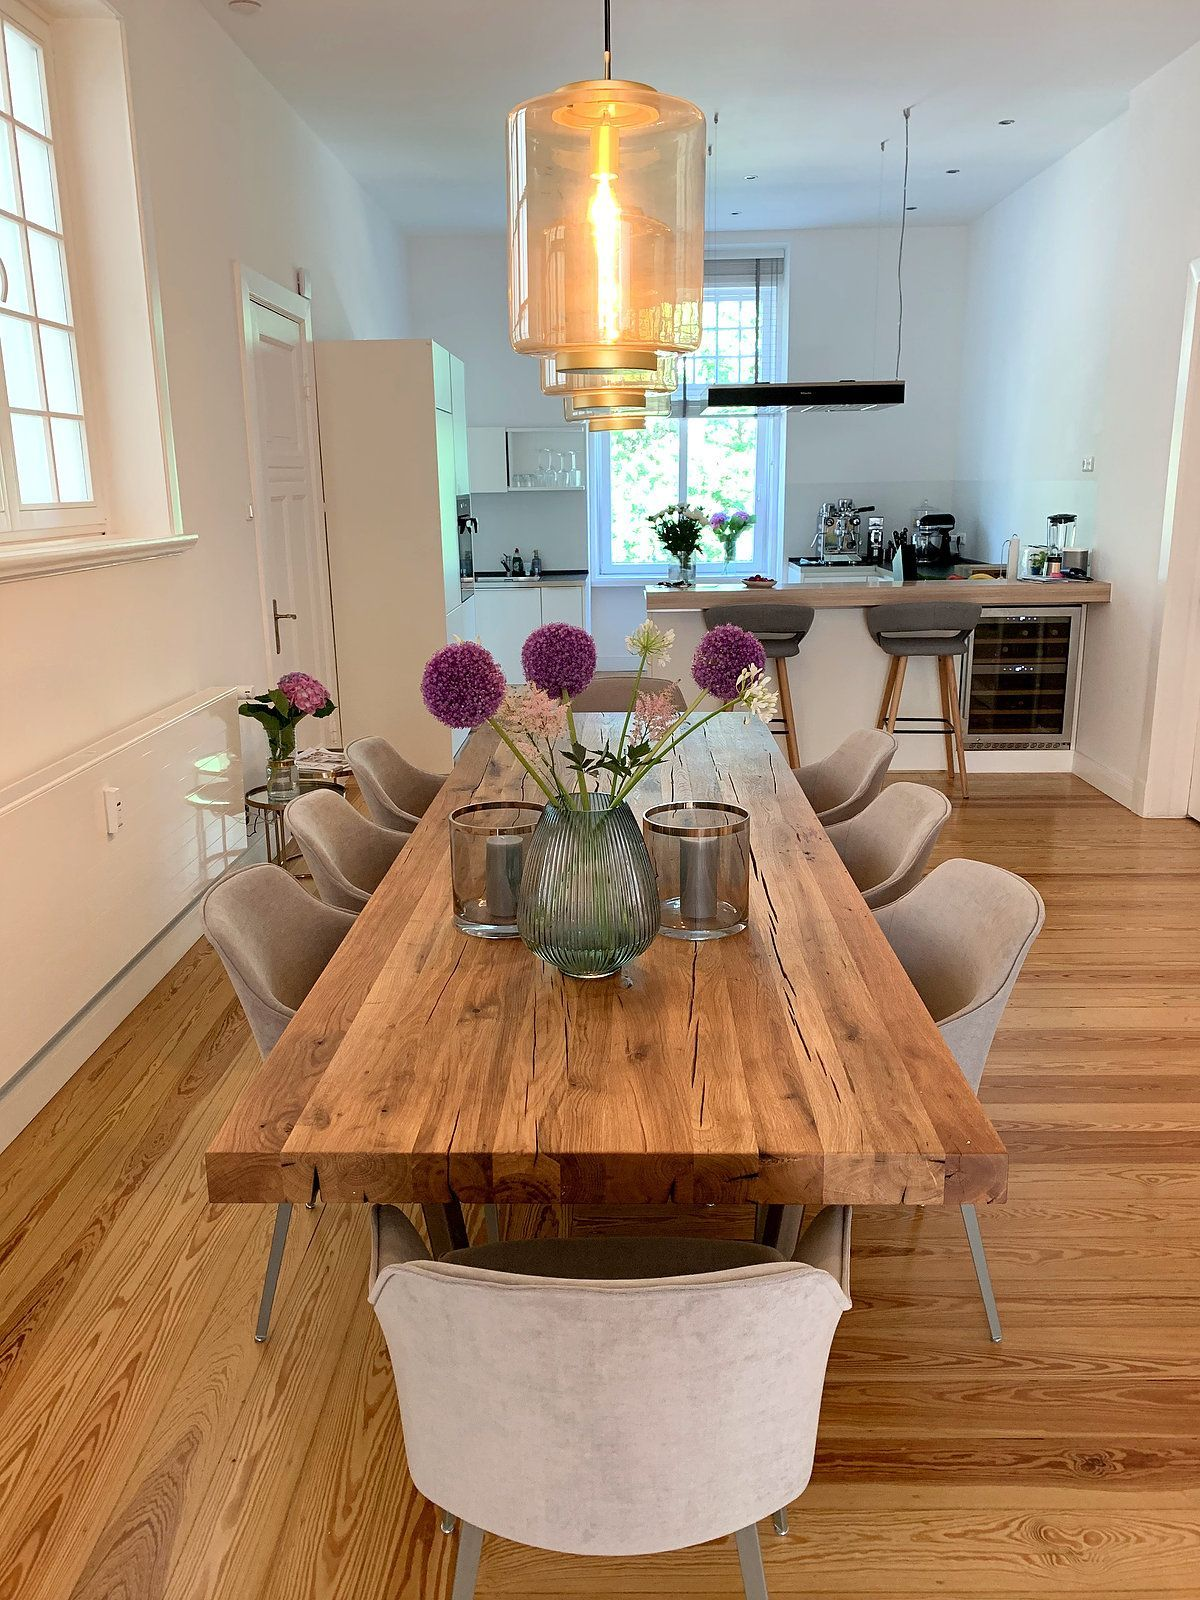 Esstische aus Eichenholz-Altholz von Holwerk-Hamburg #küchetisch Esstische aus …